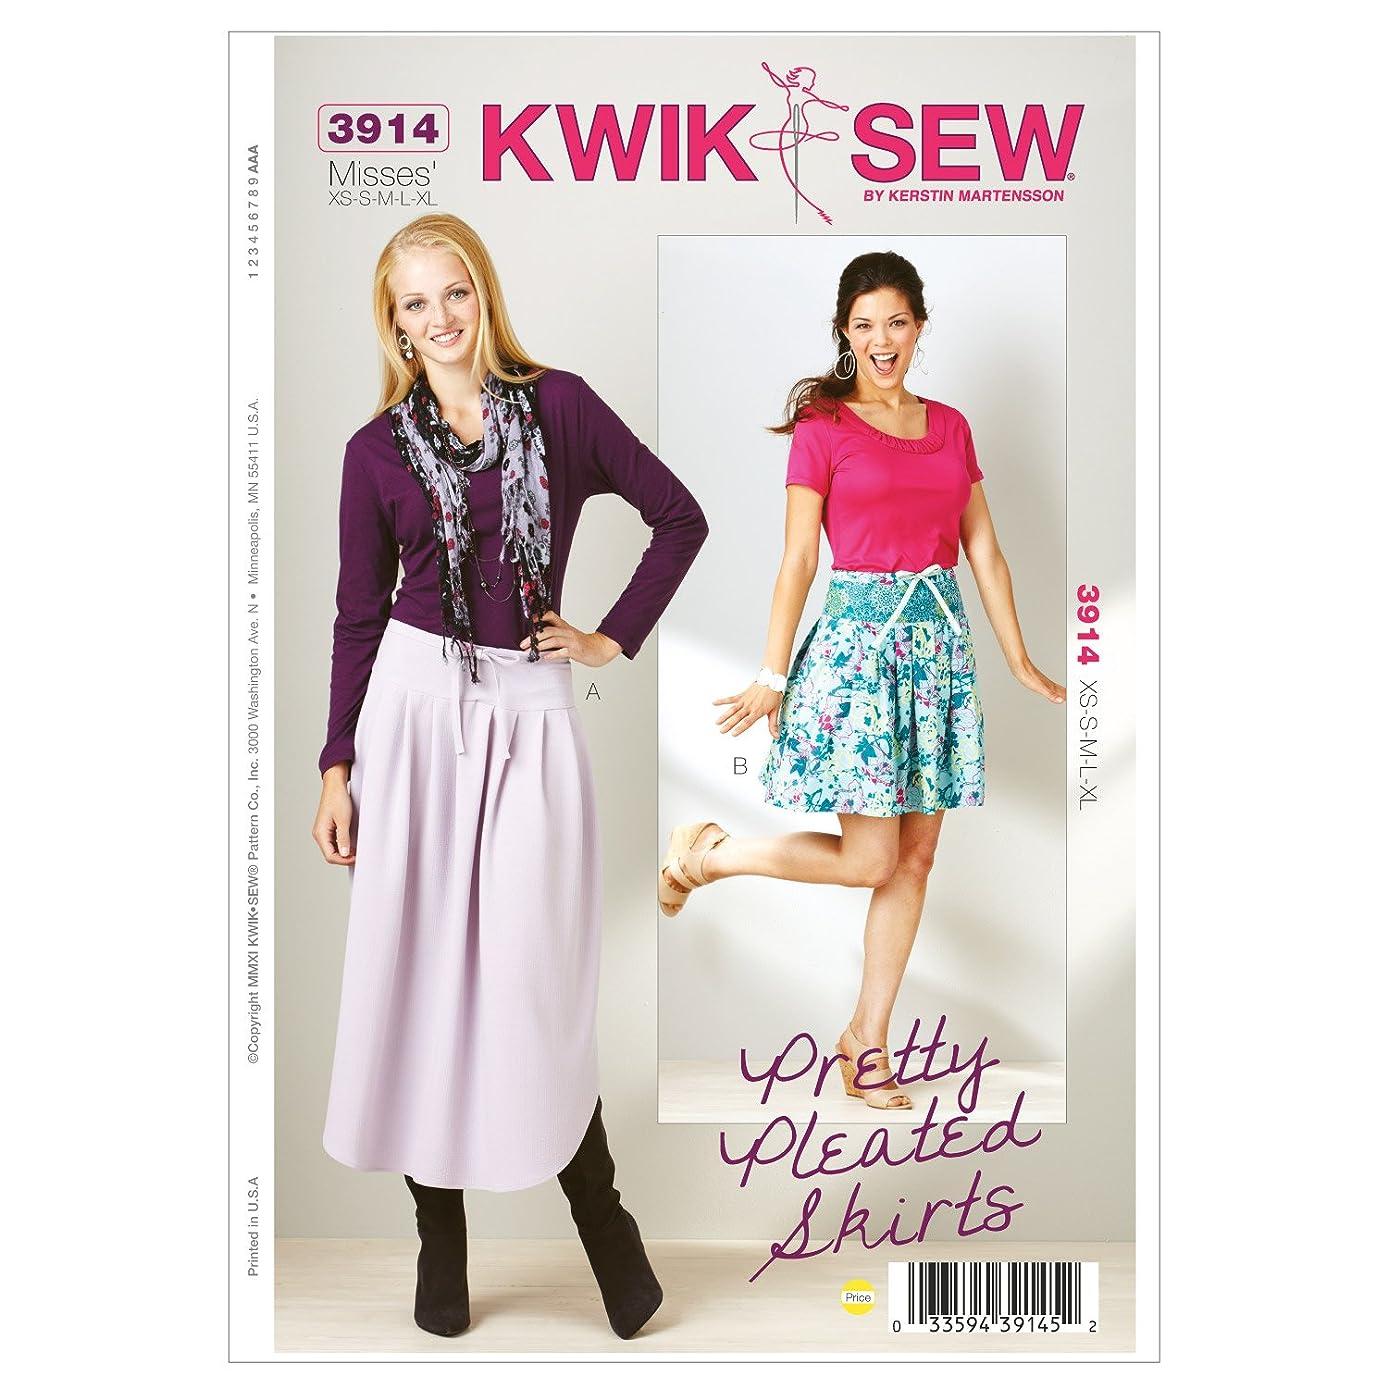 Kwik Sew K3914 Pretty Pleated Skirt Sewing Pattern, Size XS-S-M-L-XL